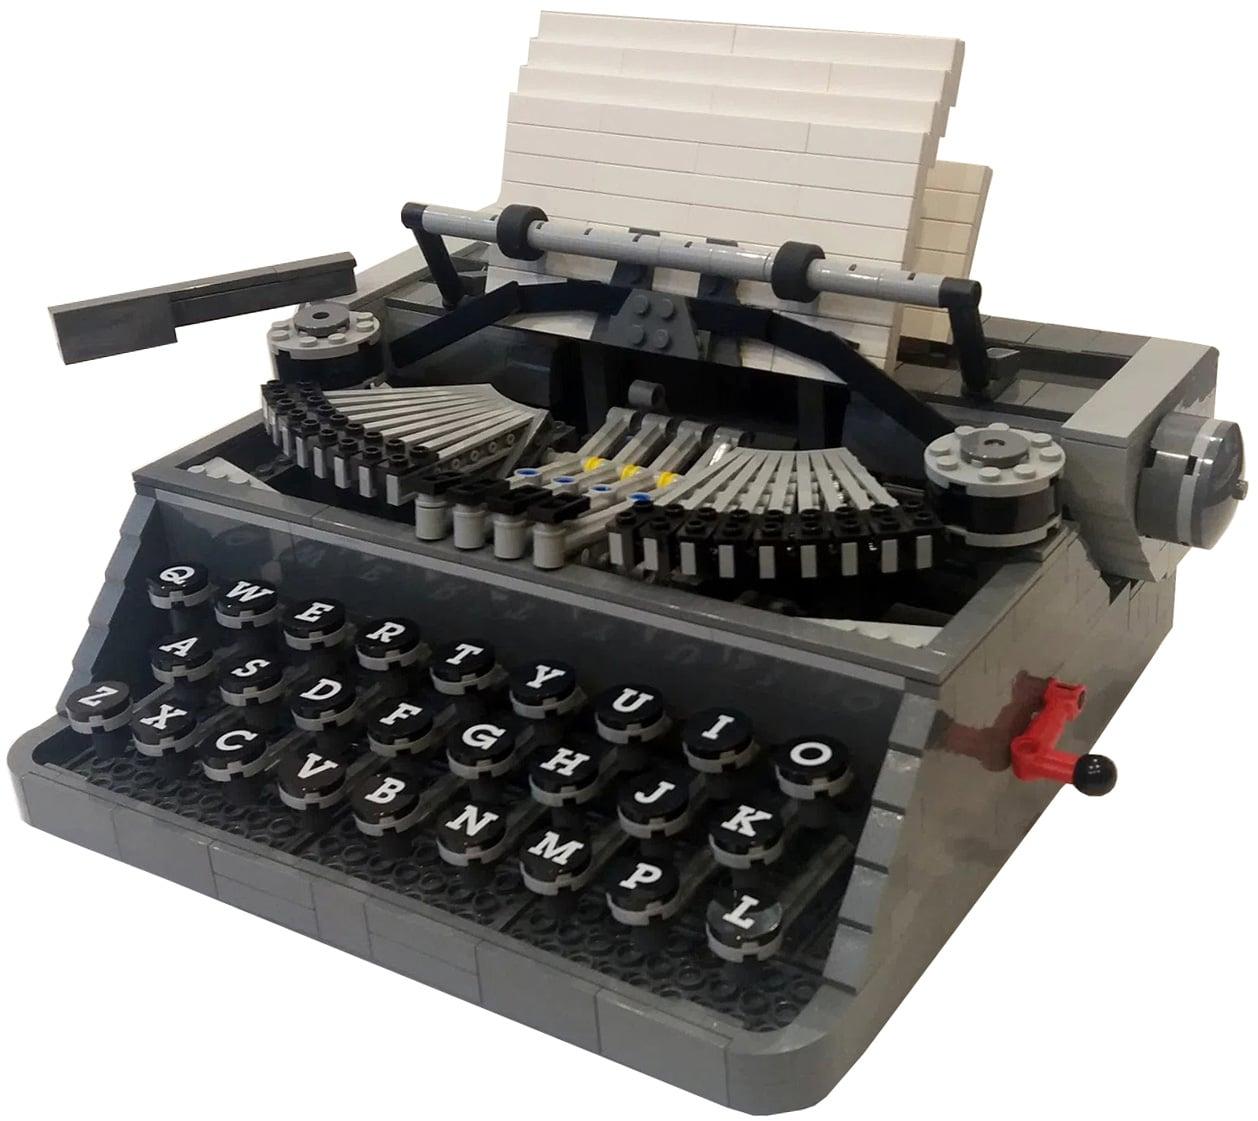 LEGO Schreibmaschine Ideas Slider 1